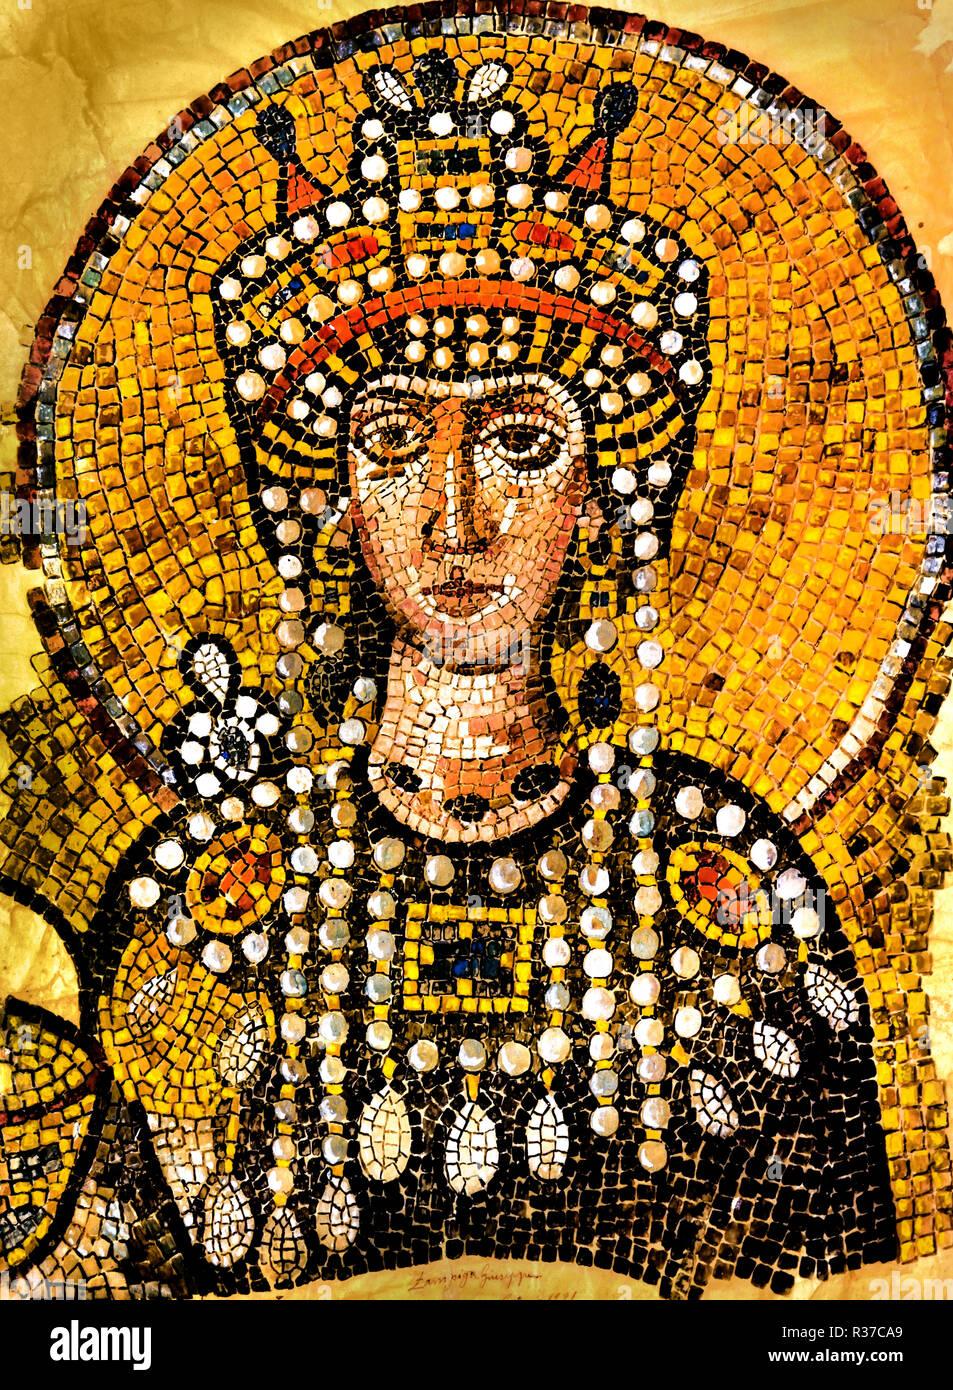 Matrimonio En El Imperio Romano : Imperio romano oriental imágenes de stock & imperio romano oriental